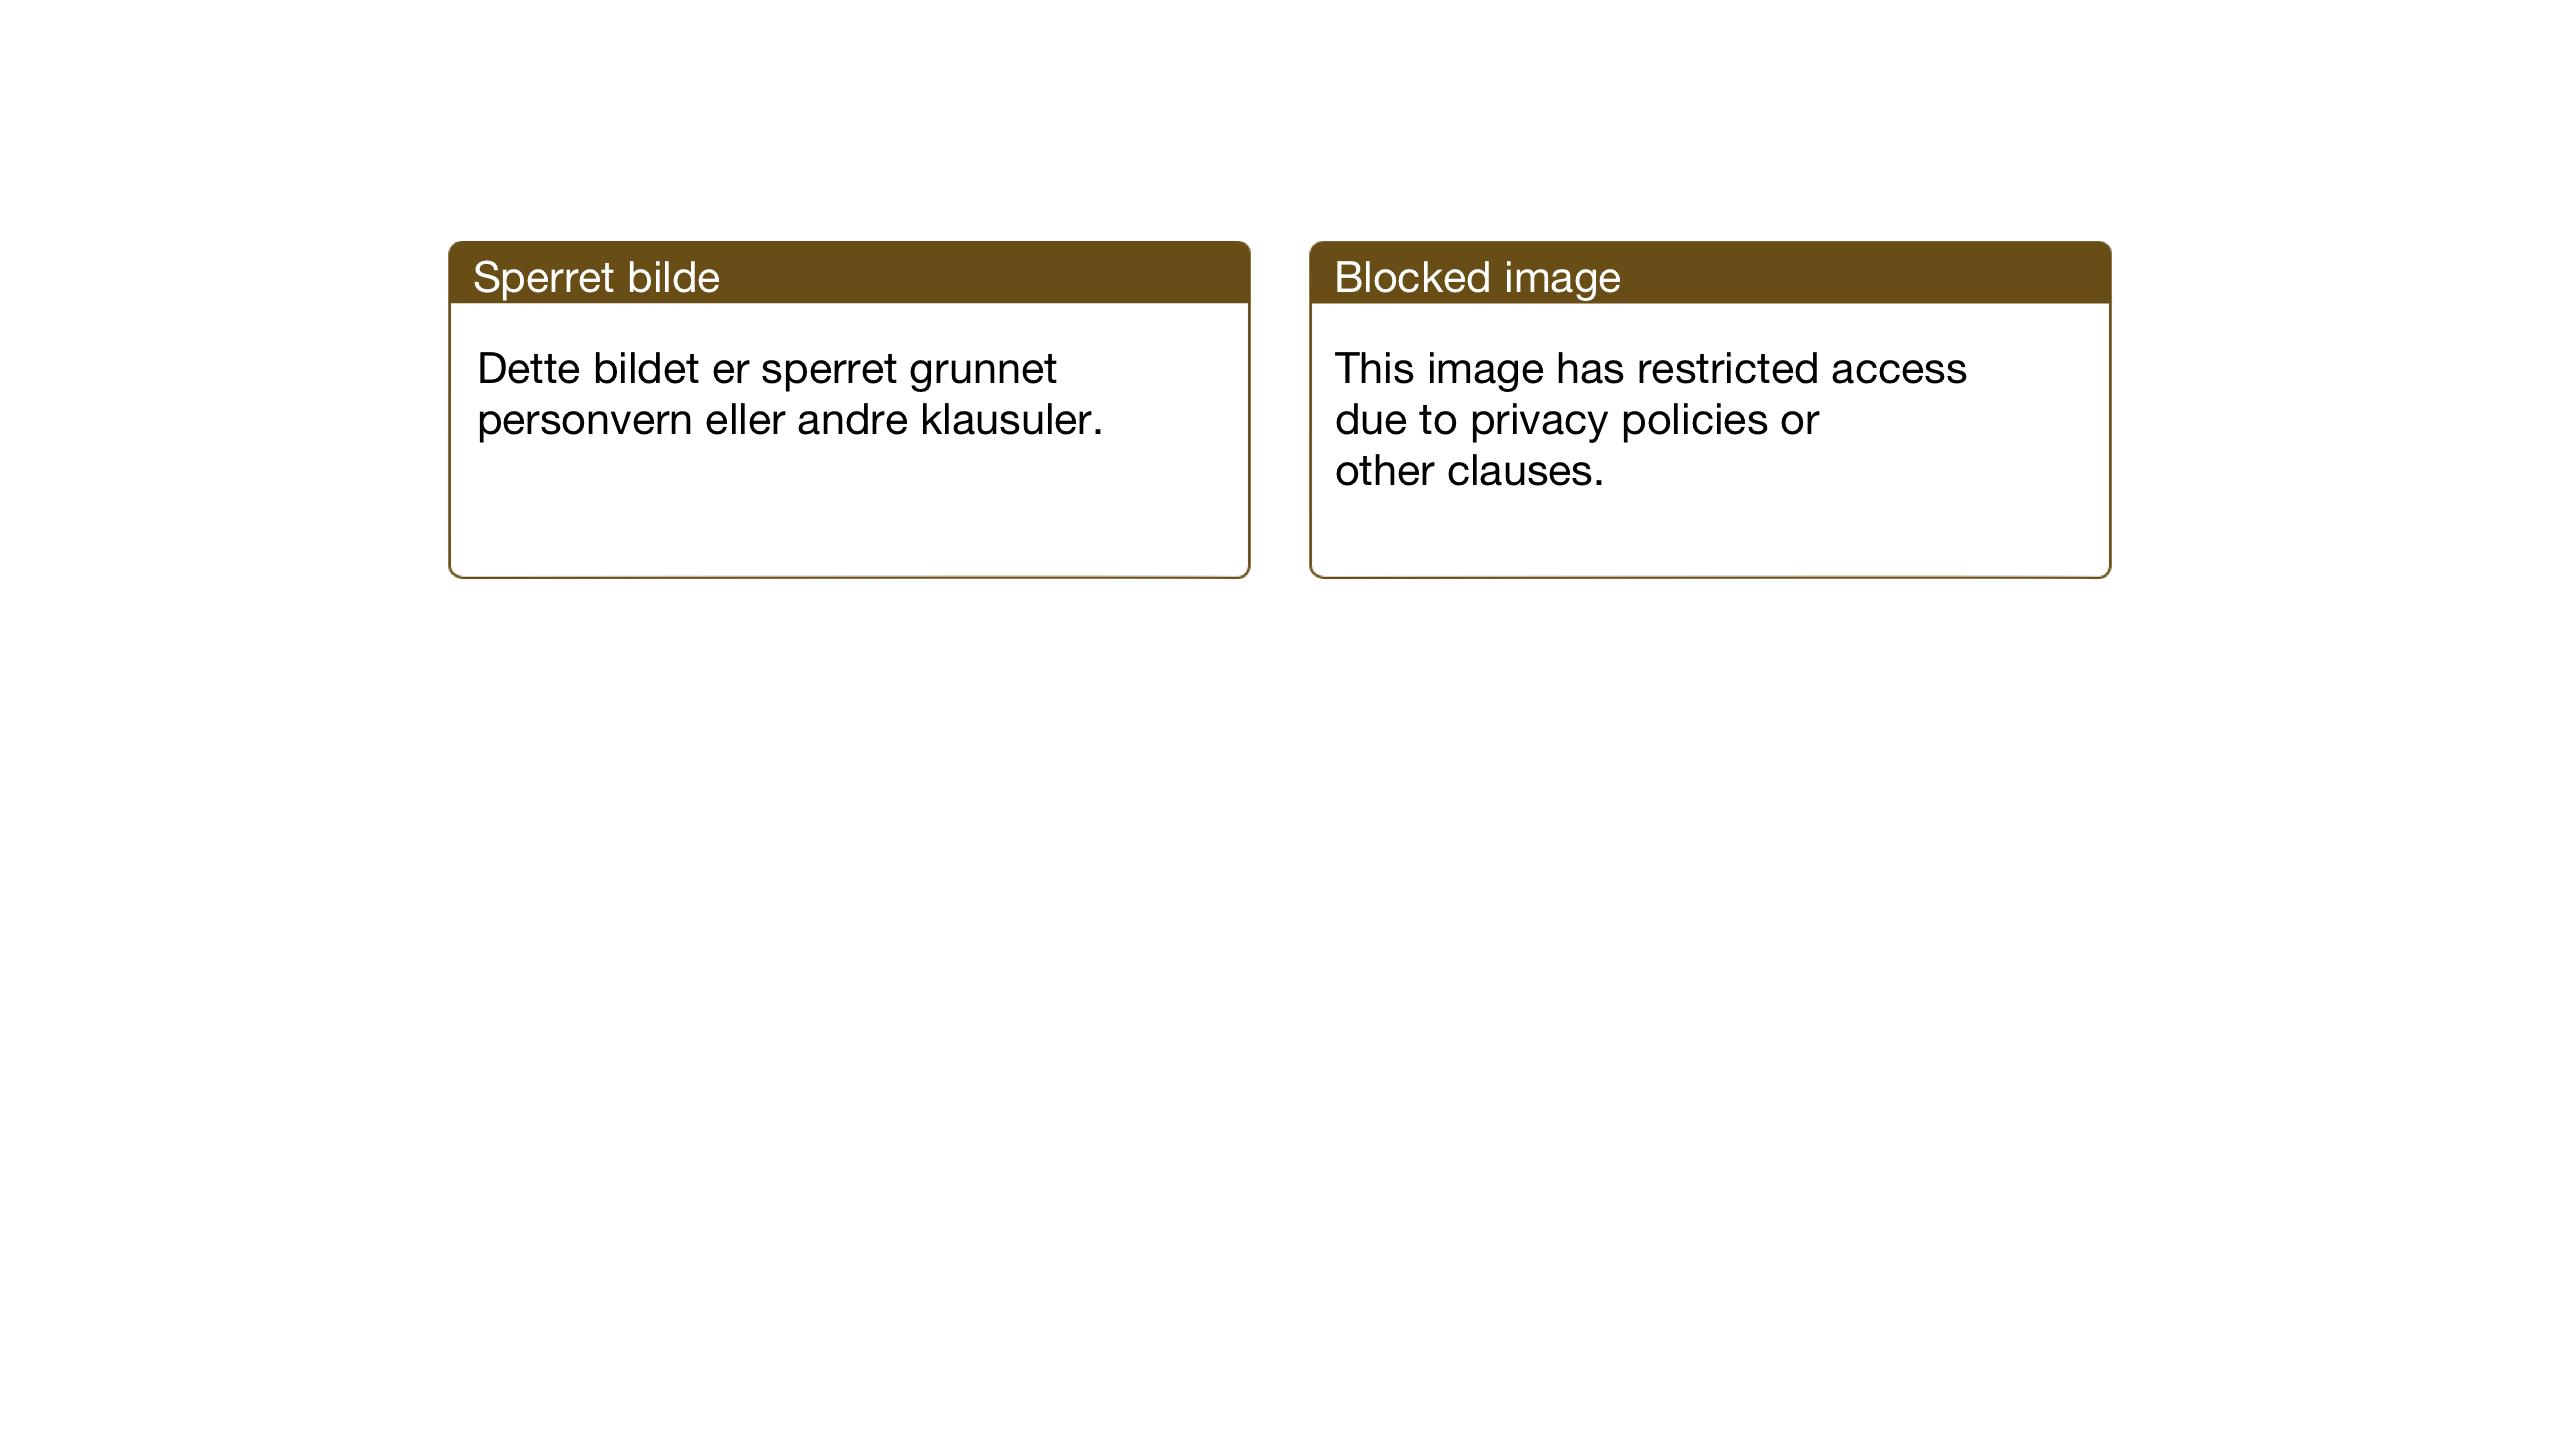 SAT, Ministerialprotokoller, klokkerbøker og fødselsregistre - Nord-Trøndelag, 780/L0654: Klokkerbok nr. 780C06, 1928-1942, s. 21